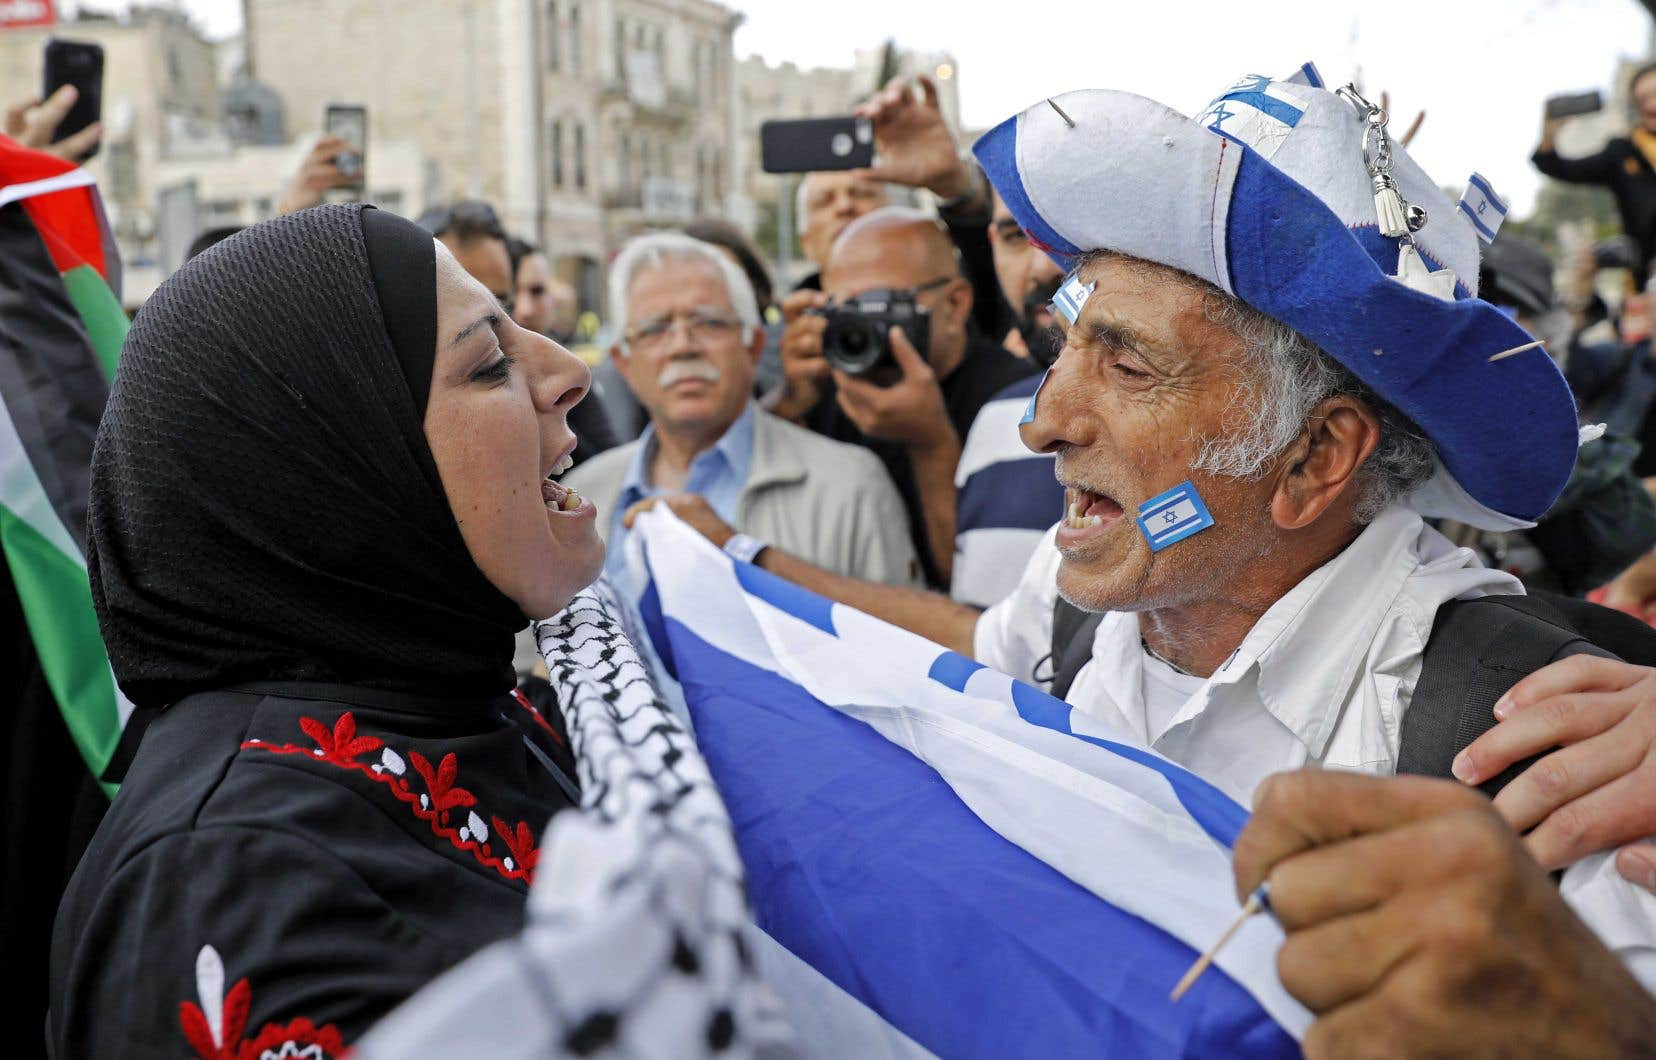 Un Israélien confronte une Palestinienne devant la porte de Damas, à Jérusalem. Alors que le premier célébrait le 51eanniversaire de la prise de Jérusalem-Est dimanche, la deuxième manifestait contre le transfert de l'ambassade américaine dans la ville, qui aura lieu lundi.